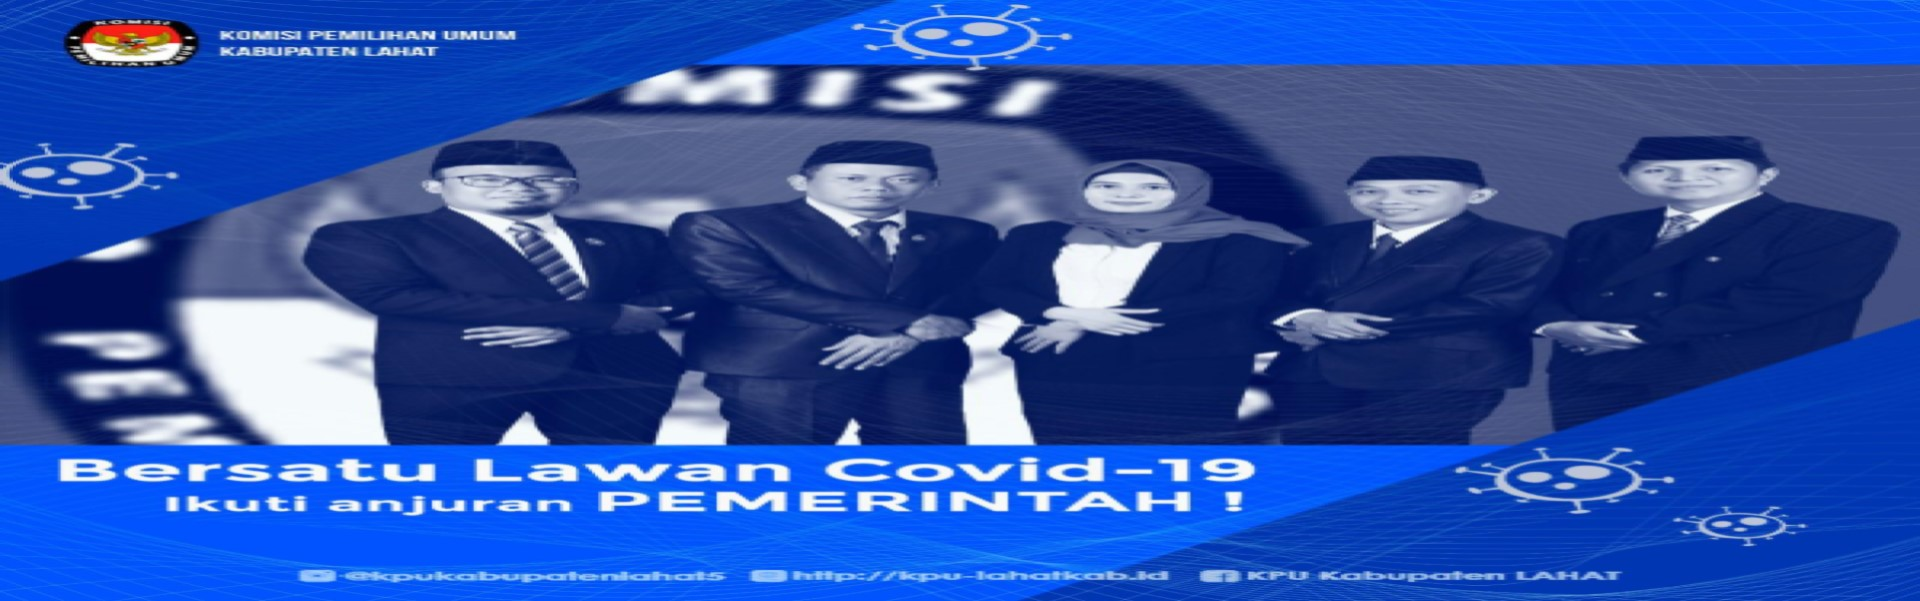 KPU Kab Lahat Bersatu Lawan COVID-19